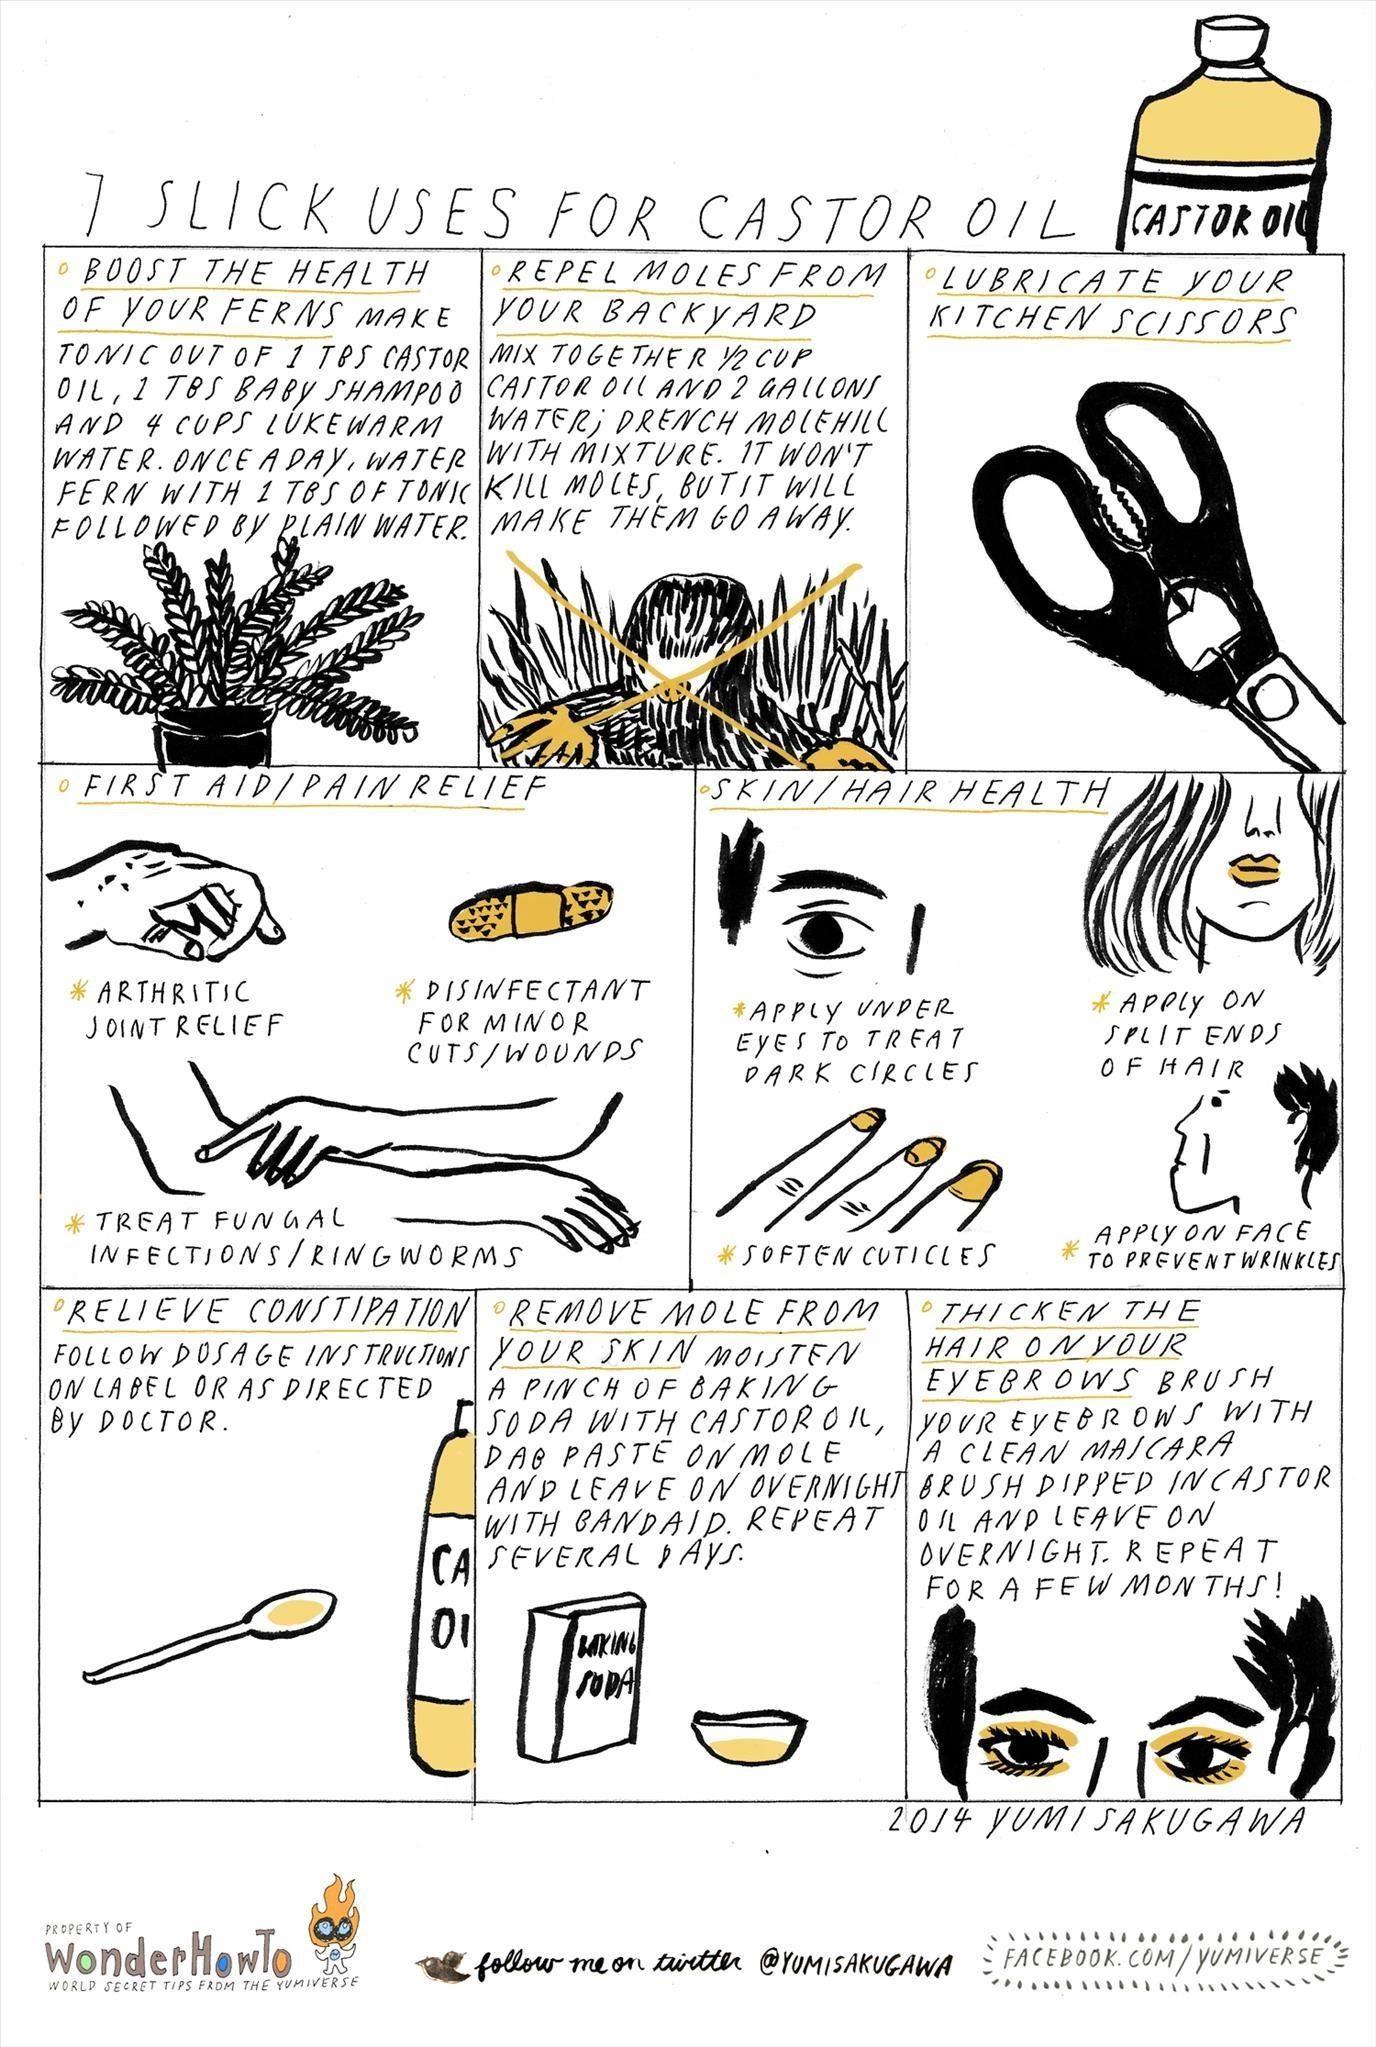 7 Slick Uses for Castor Oil